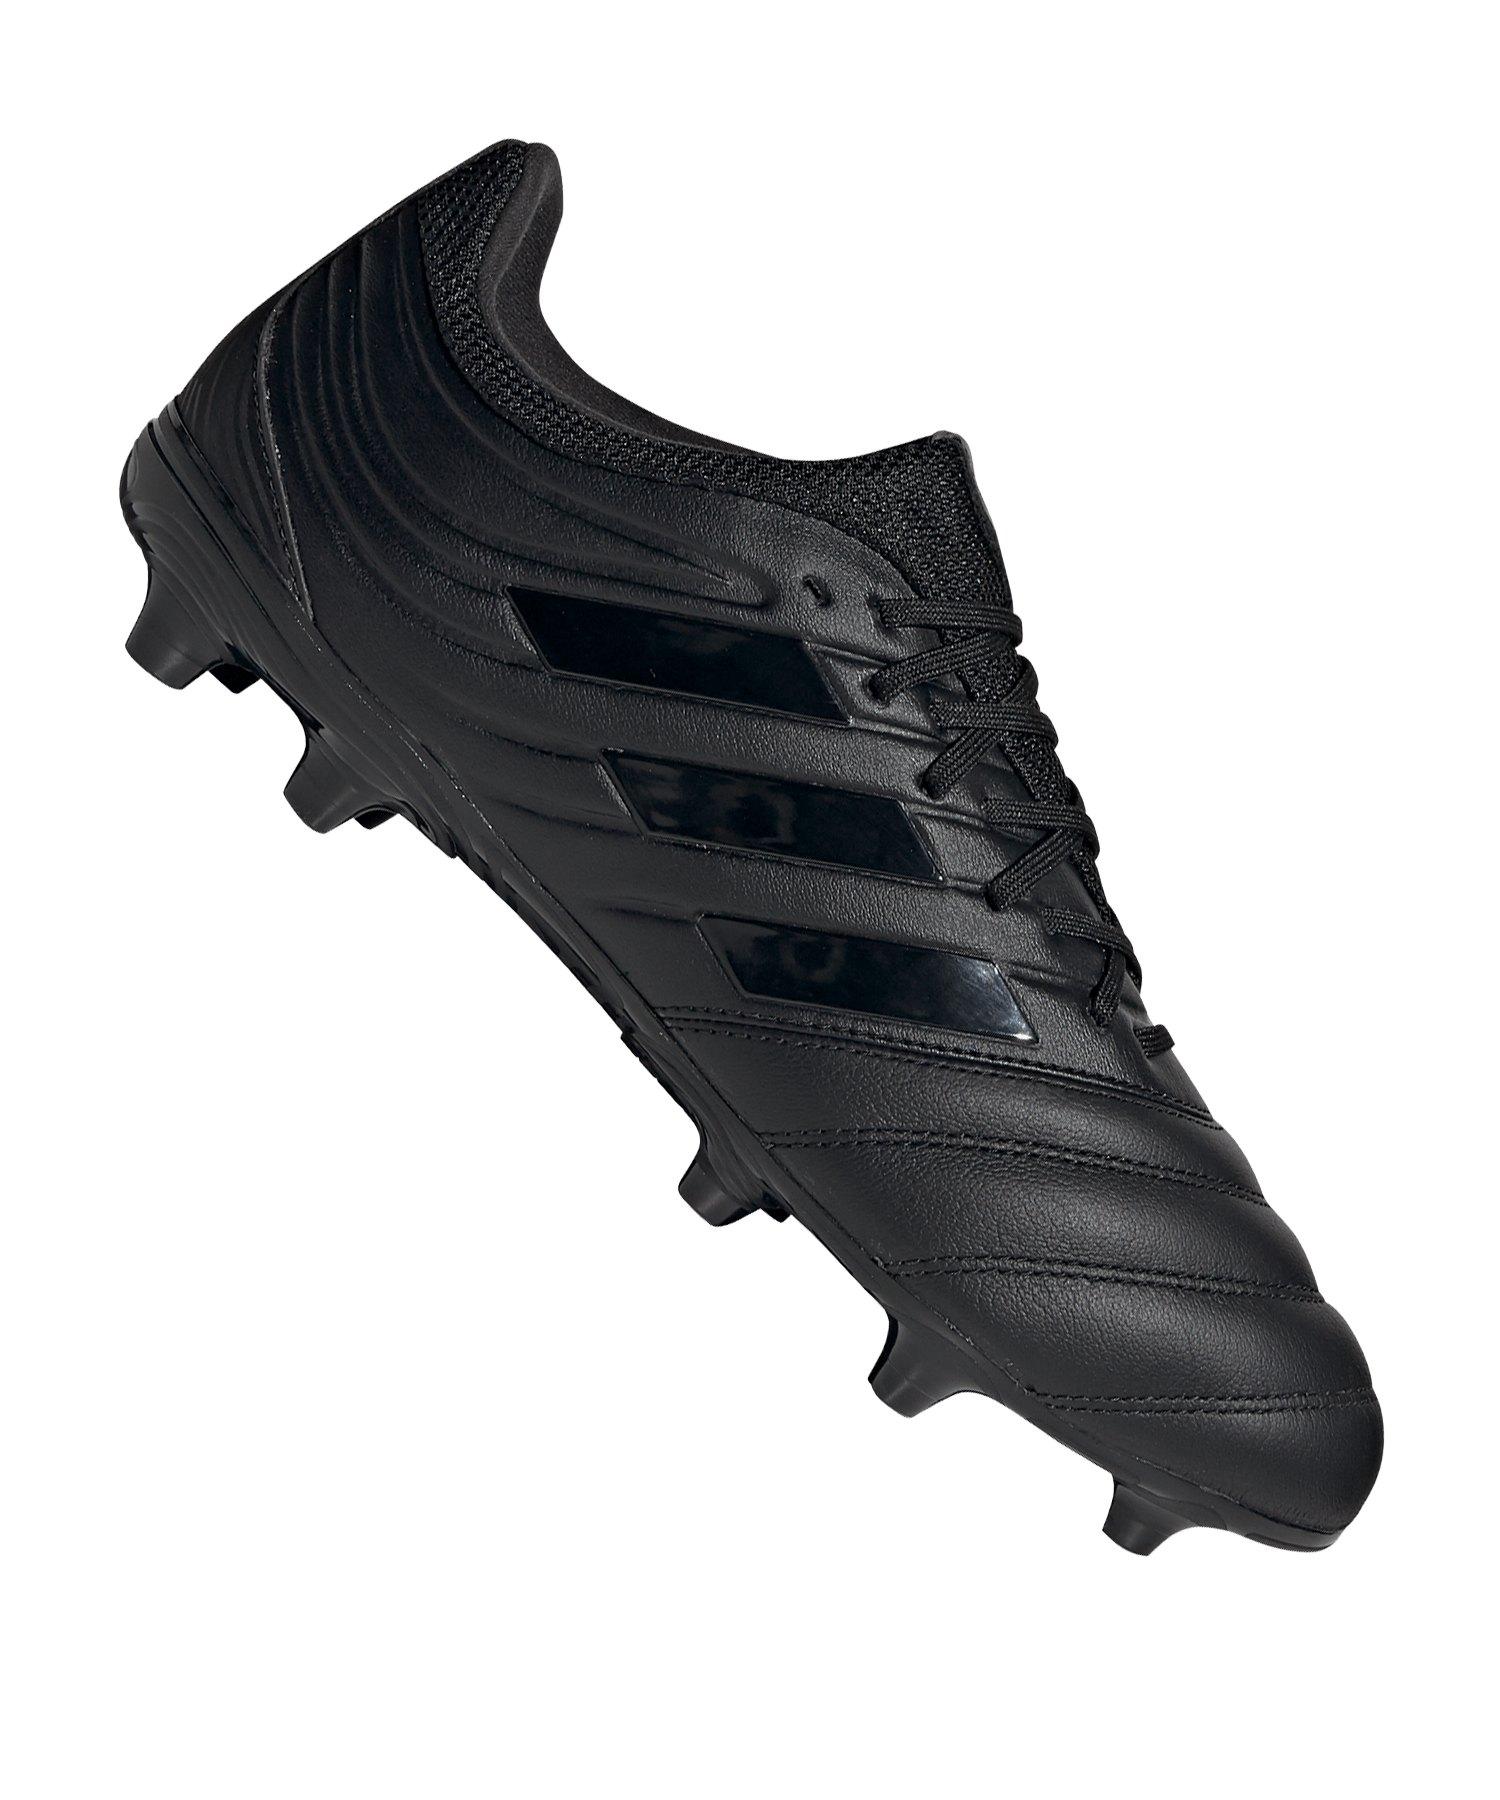 adidas COPA 20.3 FG Schwarz Grau - schwarz